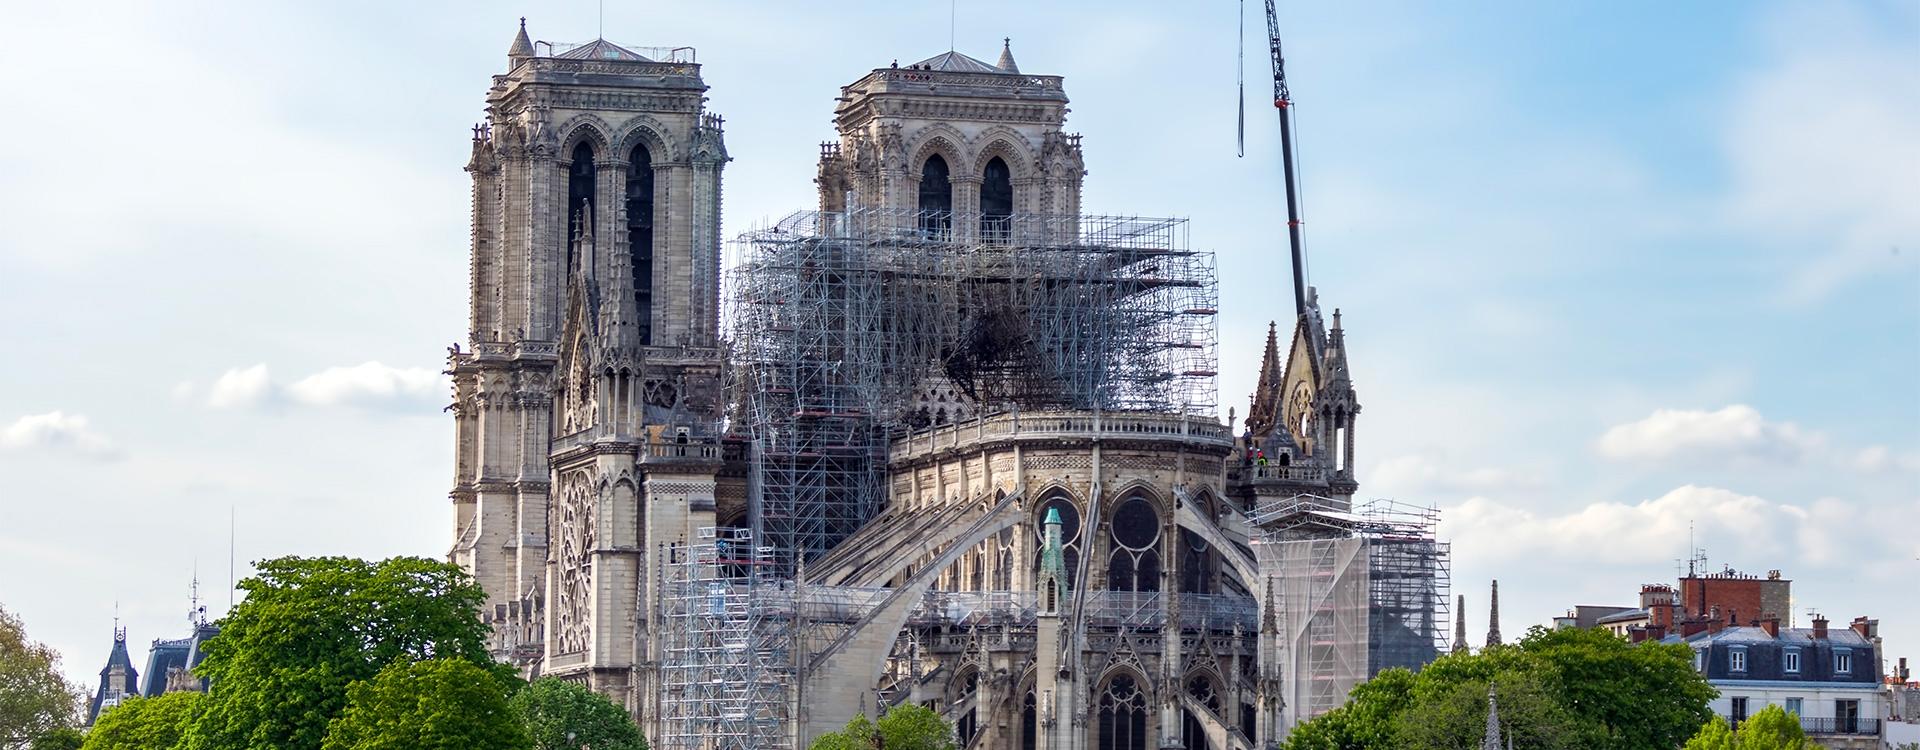 Notre-Dame, joyau gothique de Paris / C1-C2